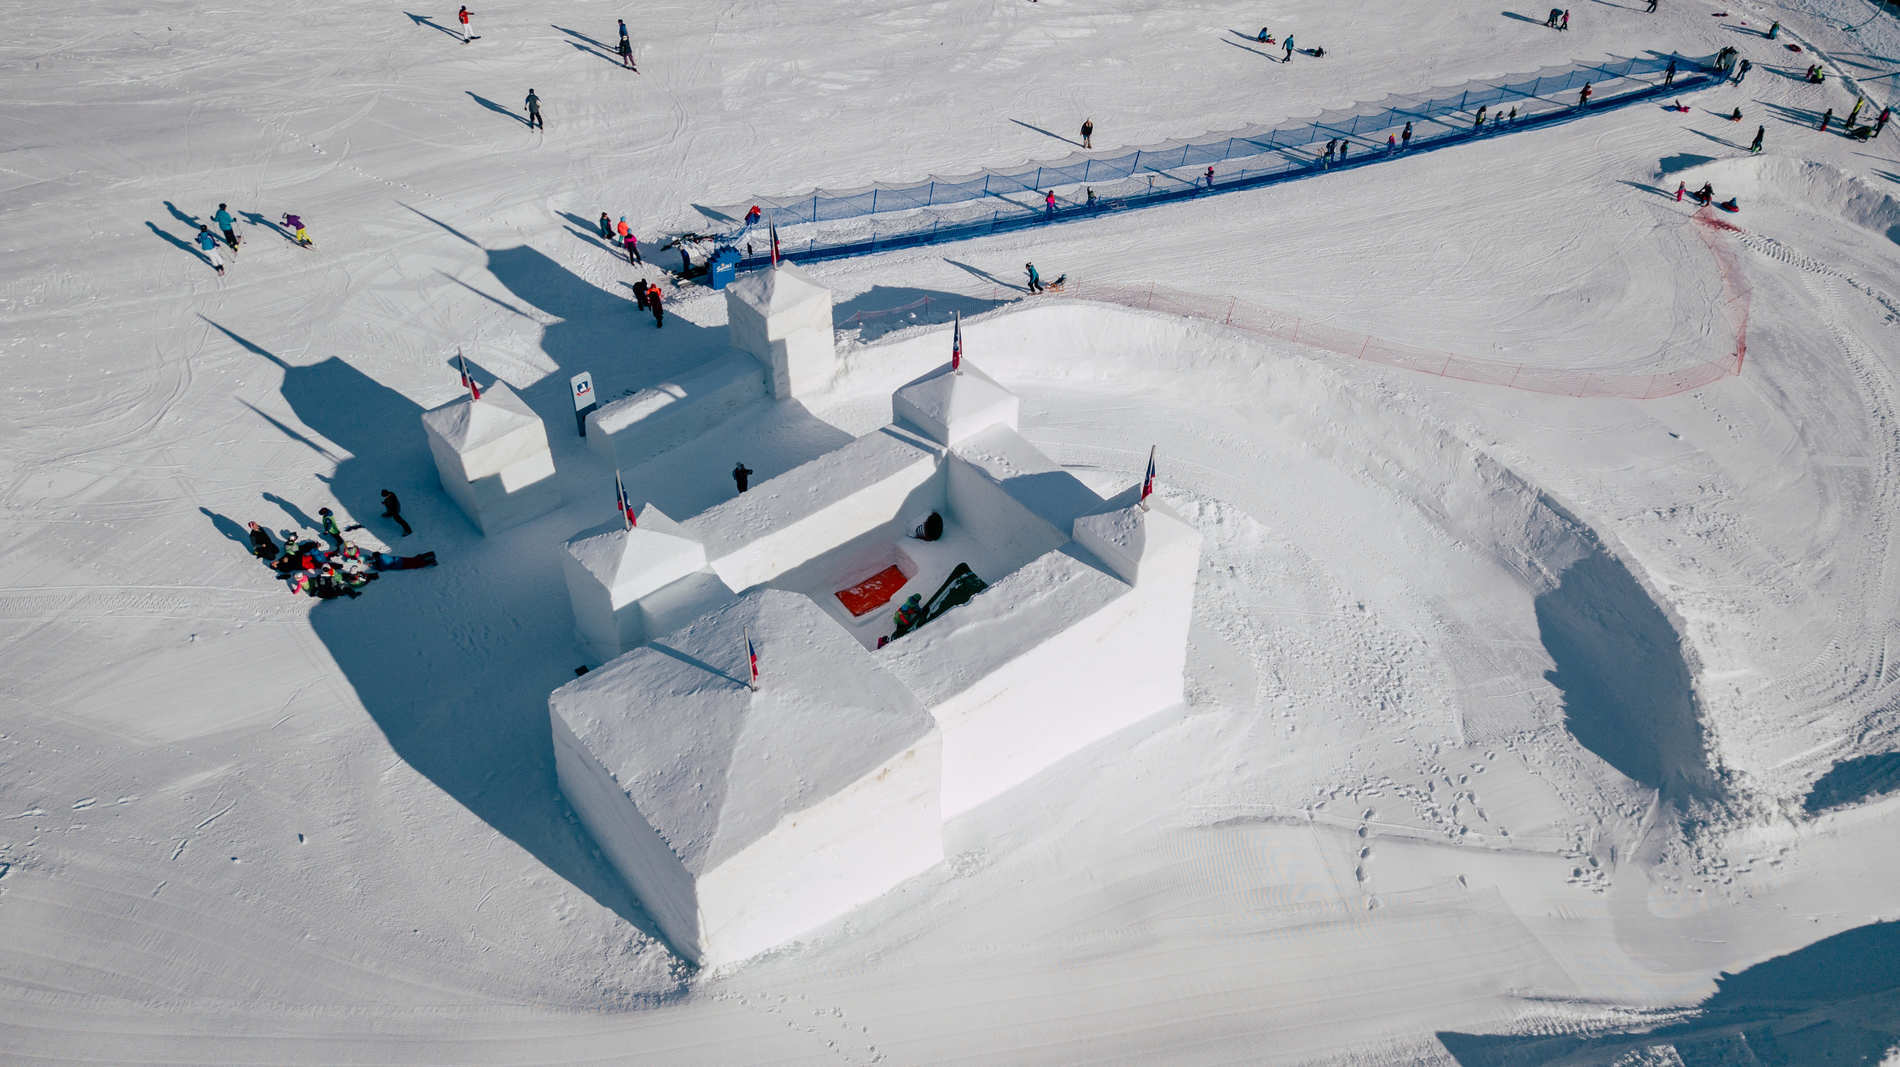 speikboden 29 12 2018 aerials raphael poeham snowcastle 6